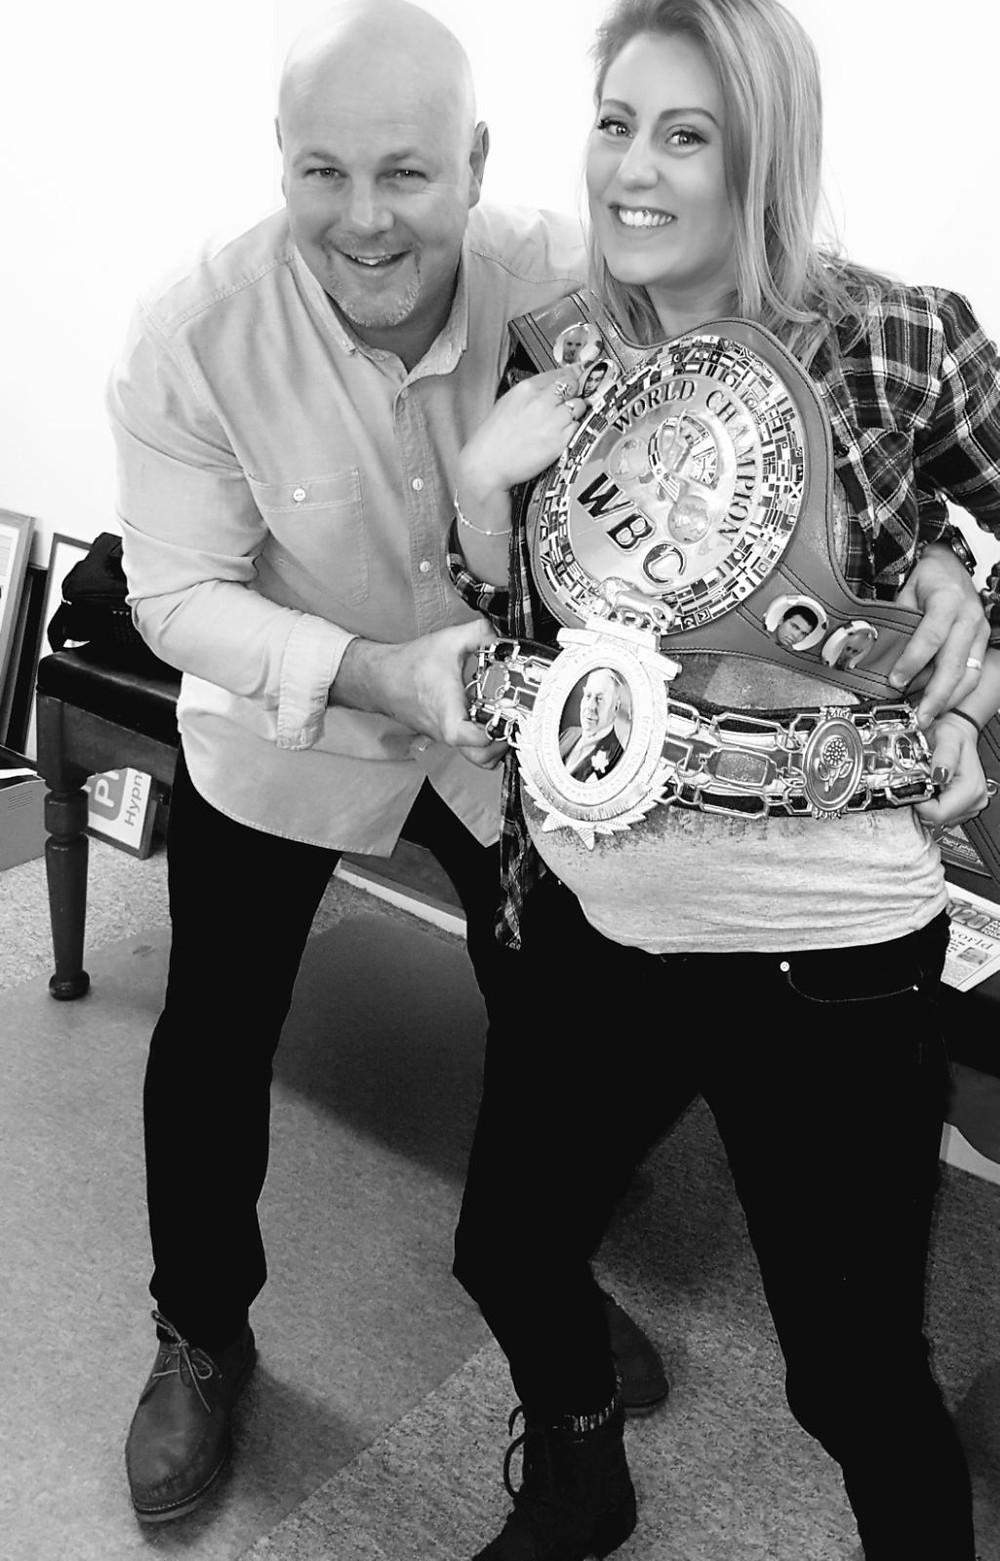 Glen Catley & I